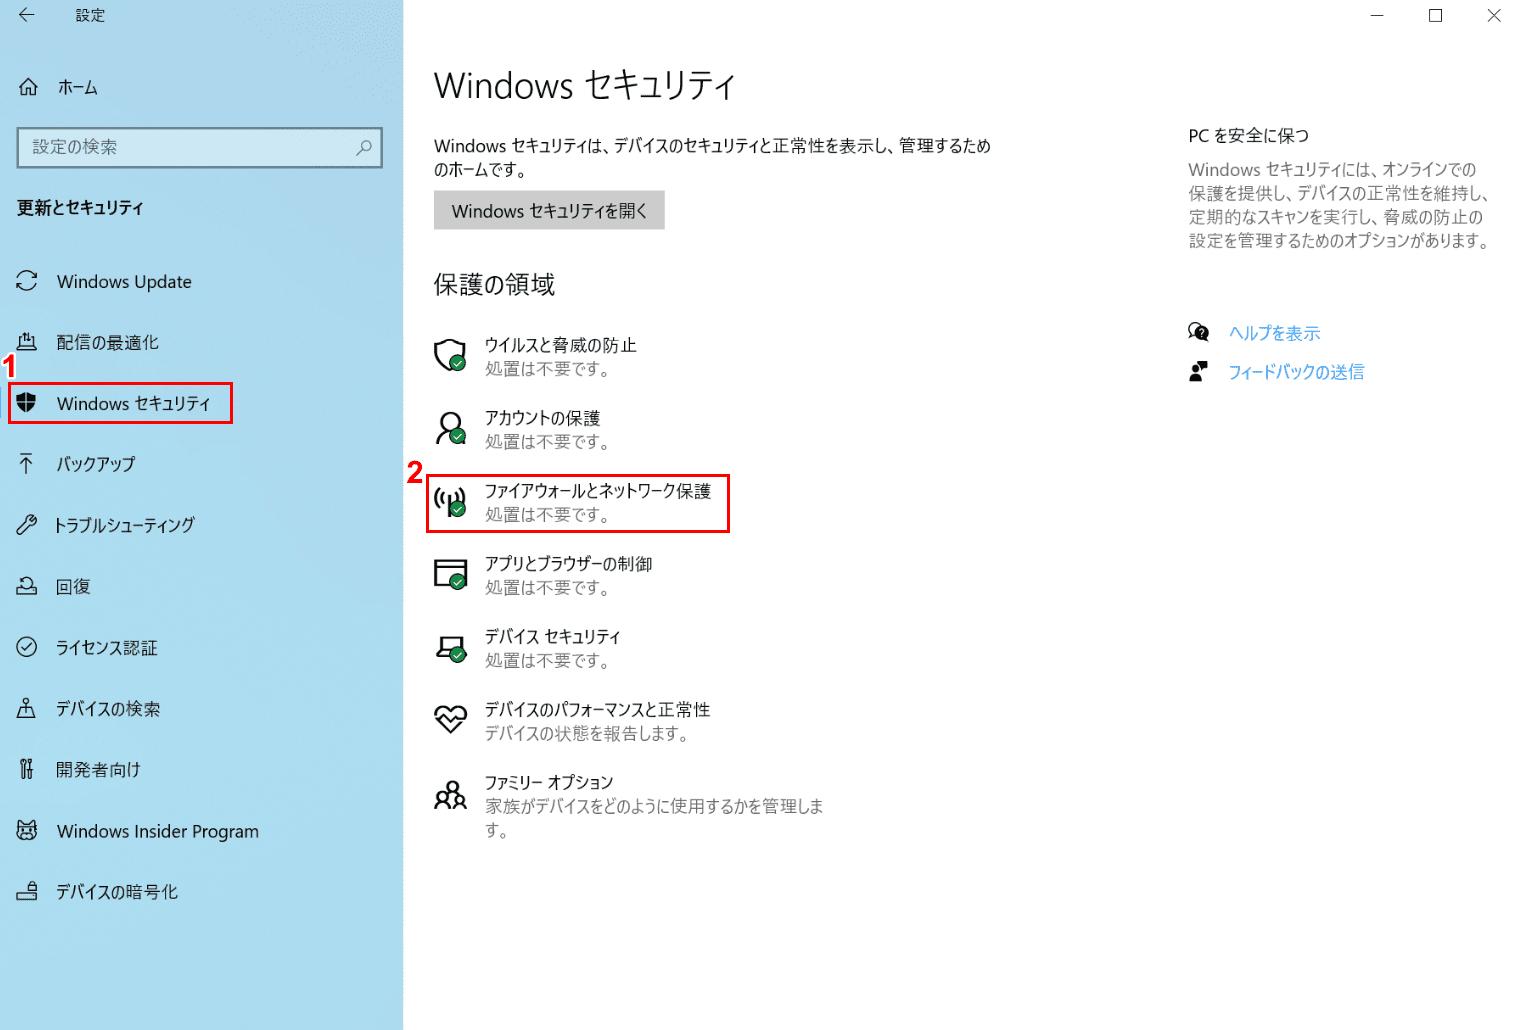 Windowsセキュリティ、ネットワークと接続保護